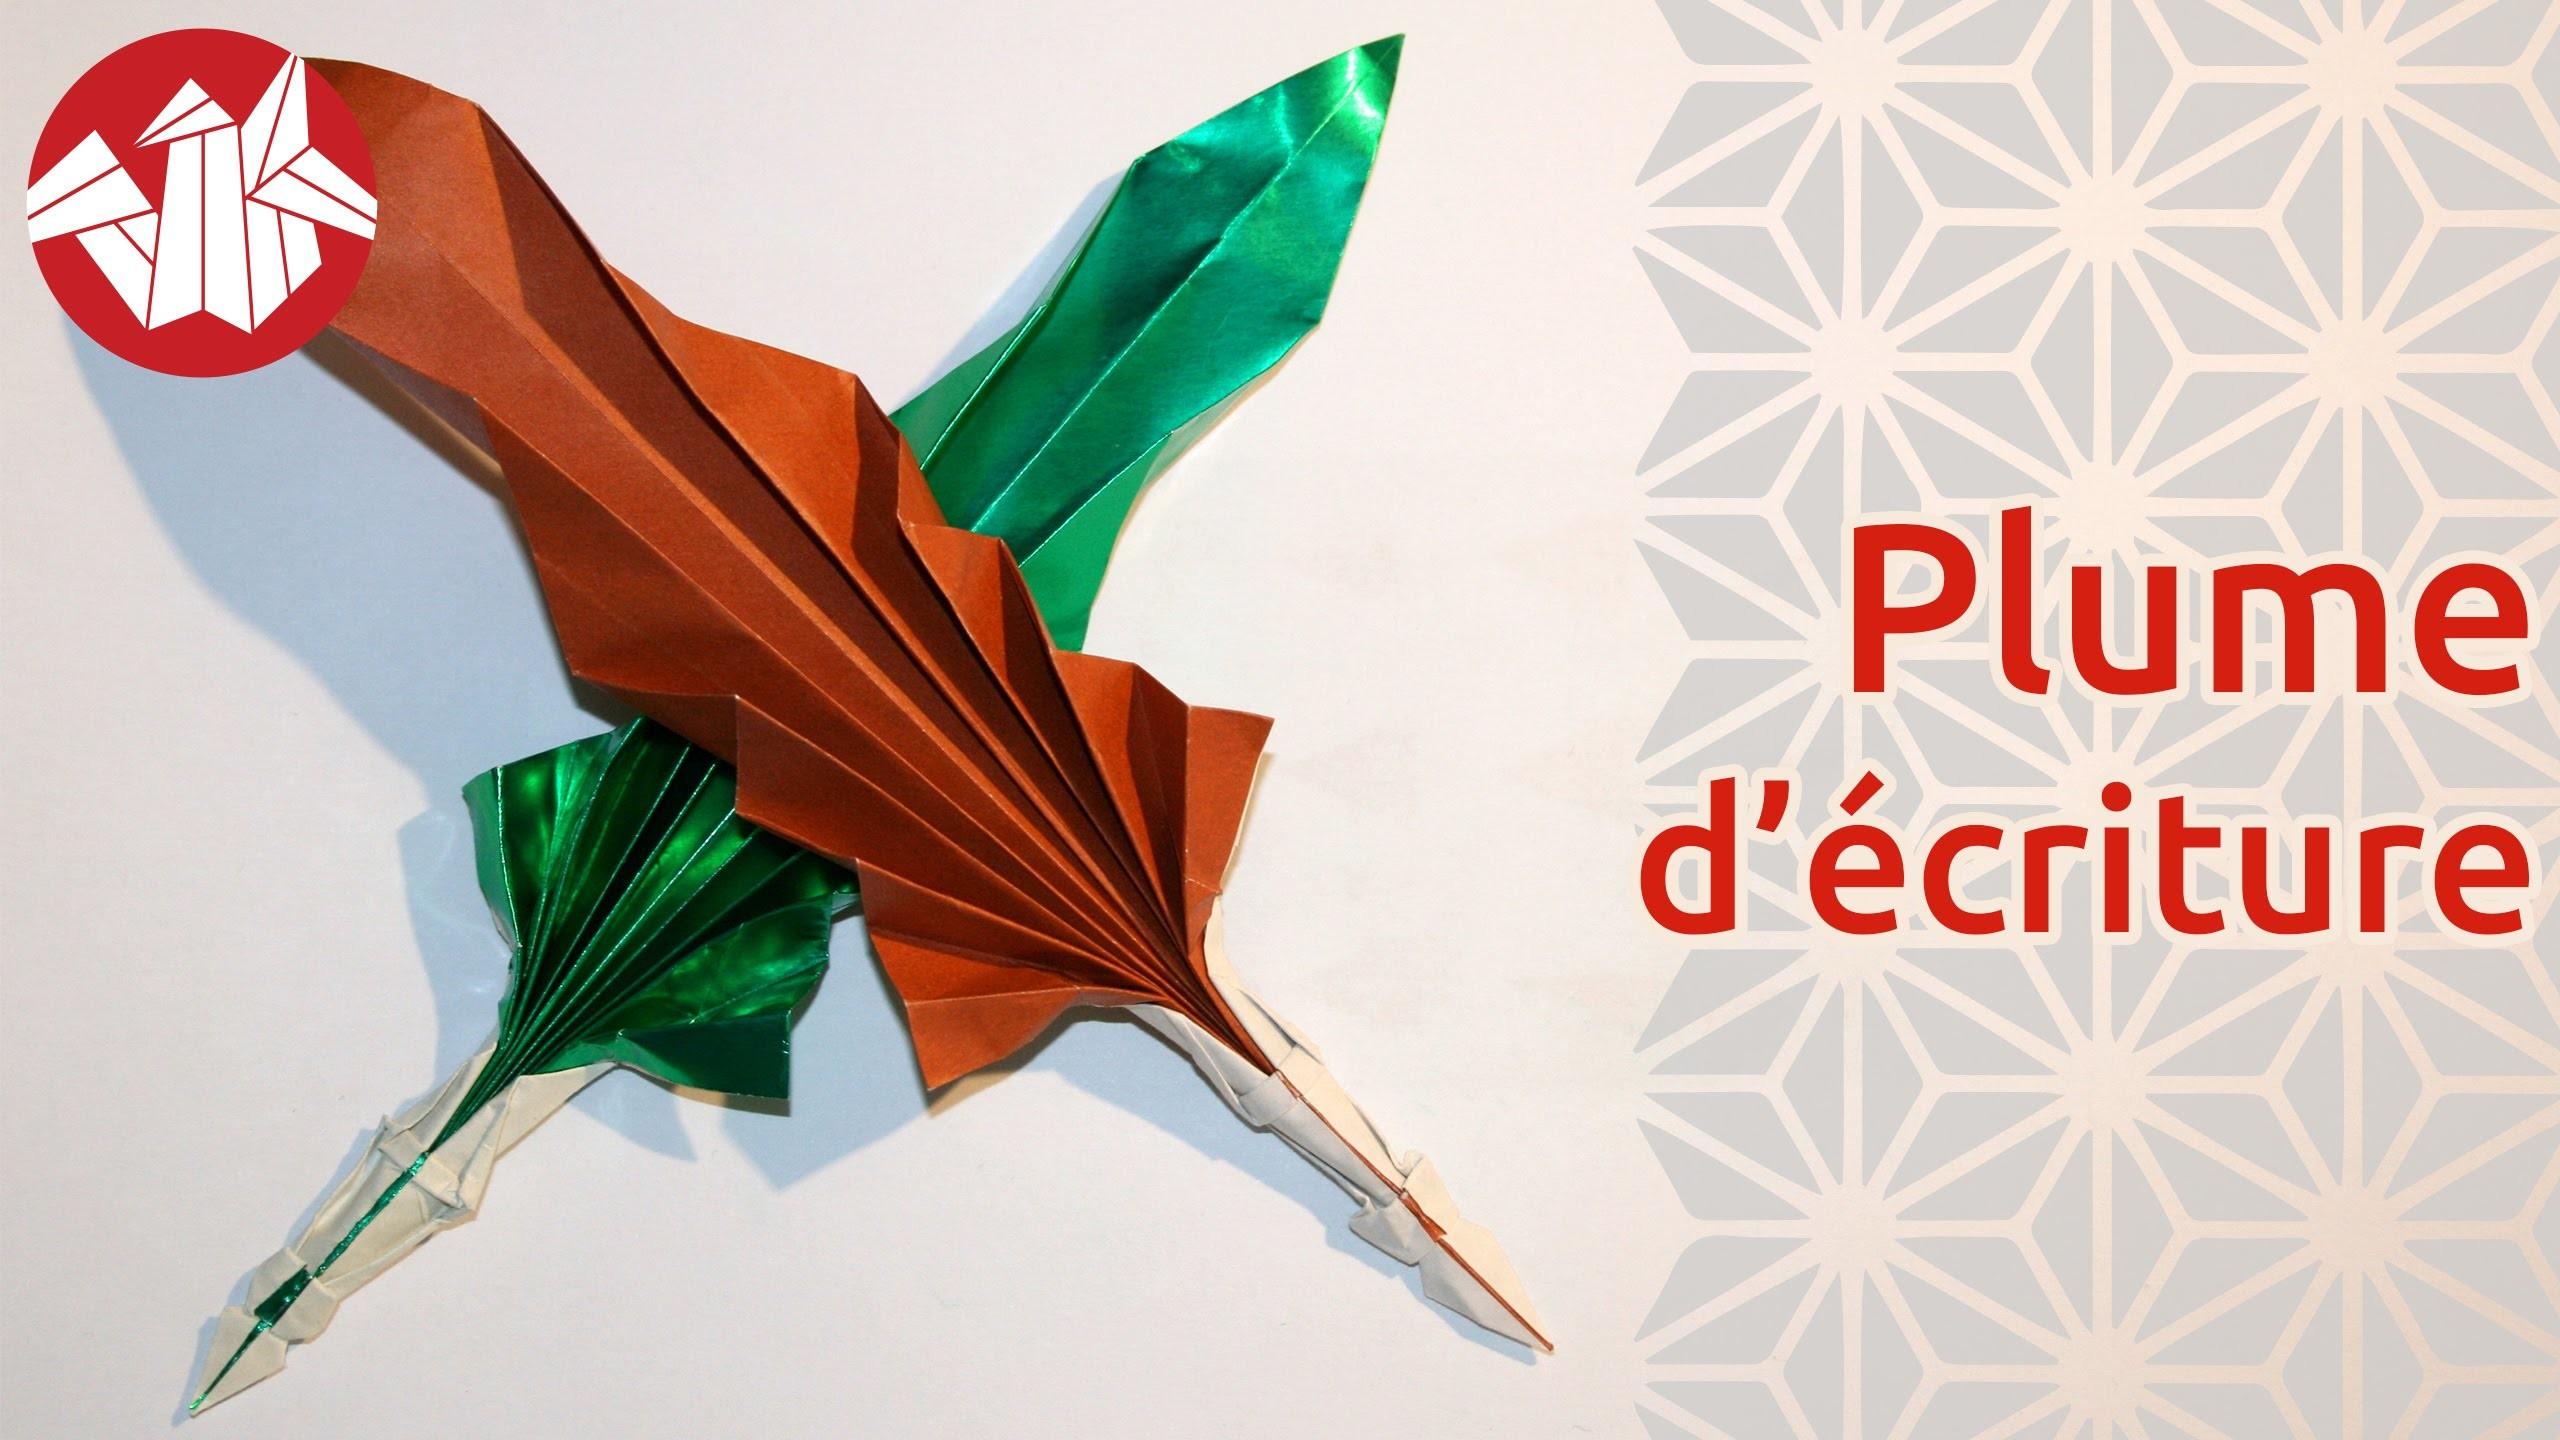 Origami - Plume d'écriture - Quill pen [Senbazuru]